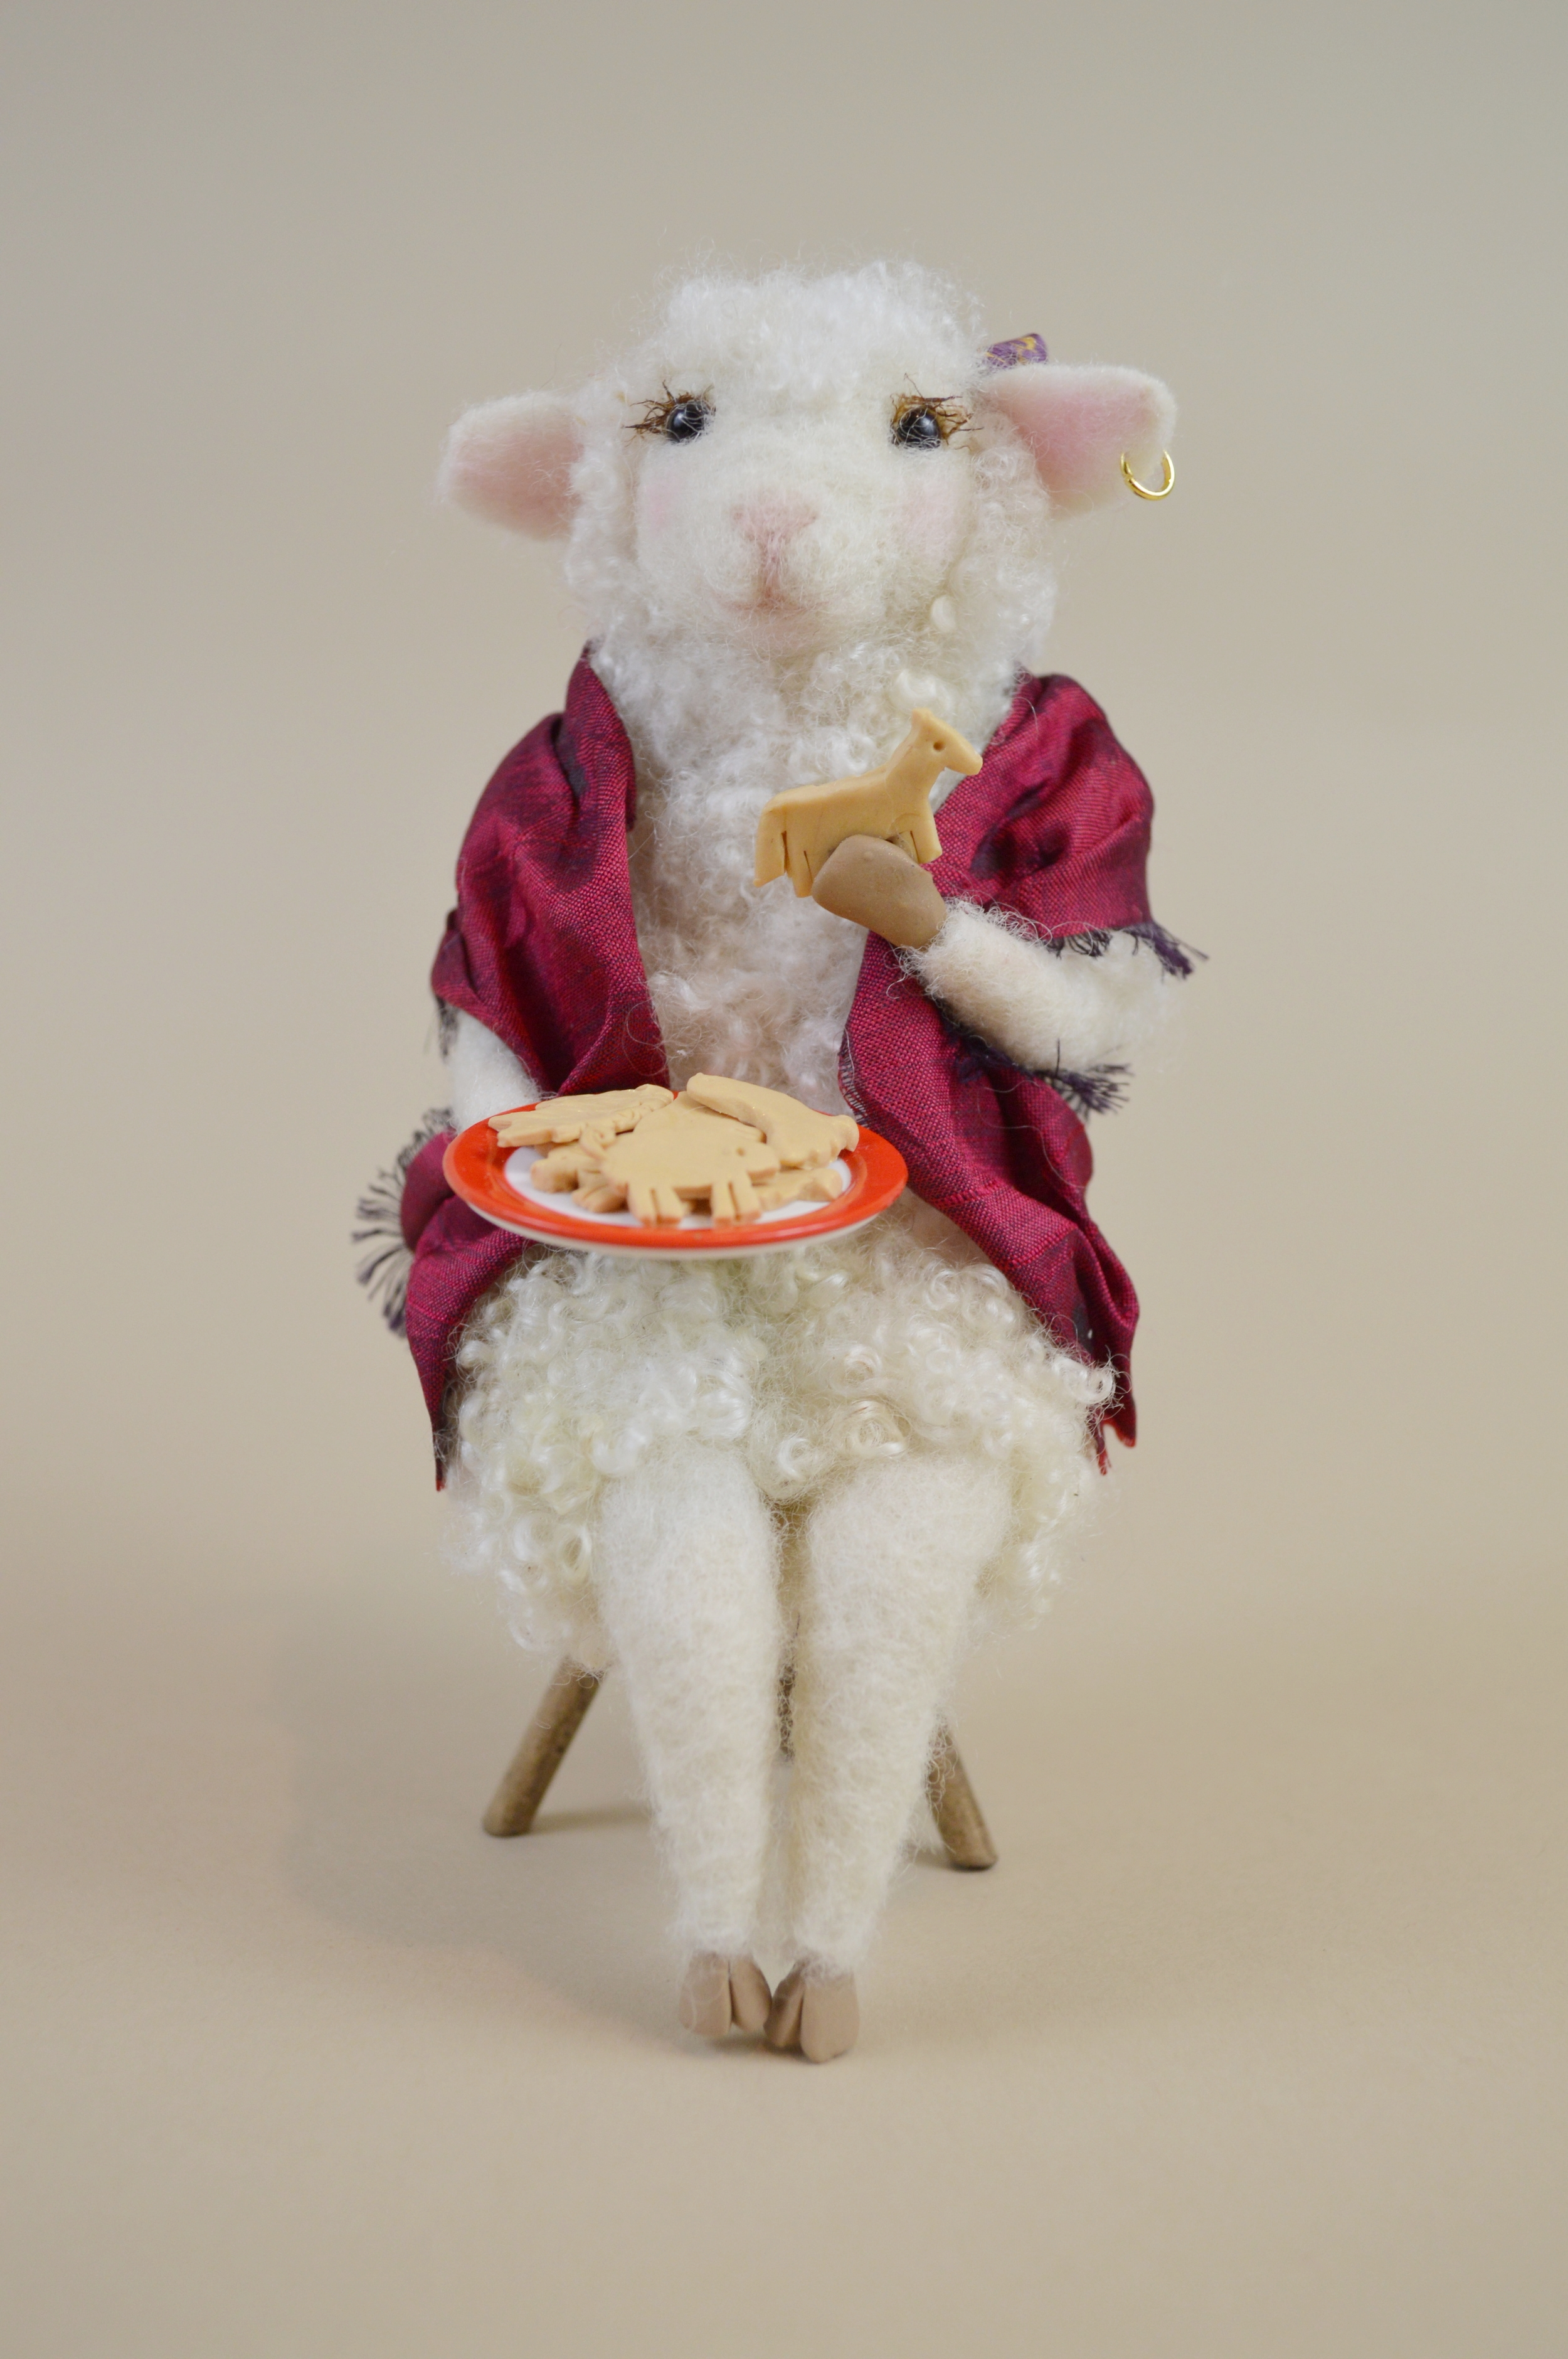 Gypsy, the Animal Cracker Loving Sheep